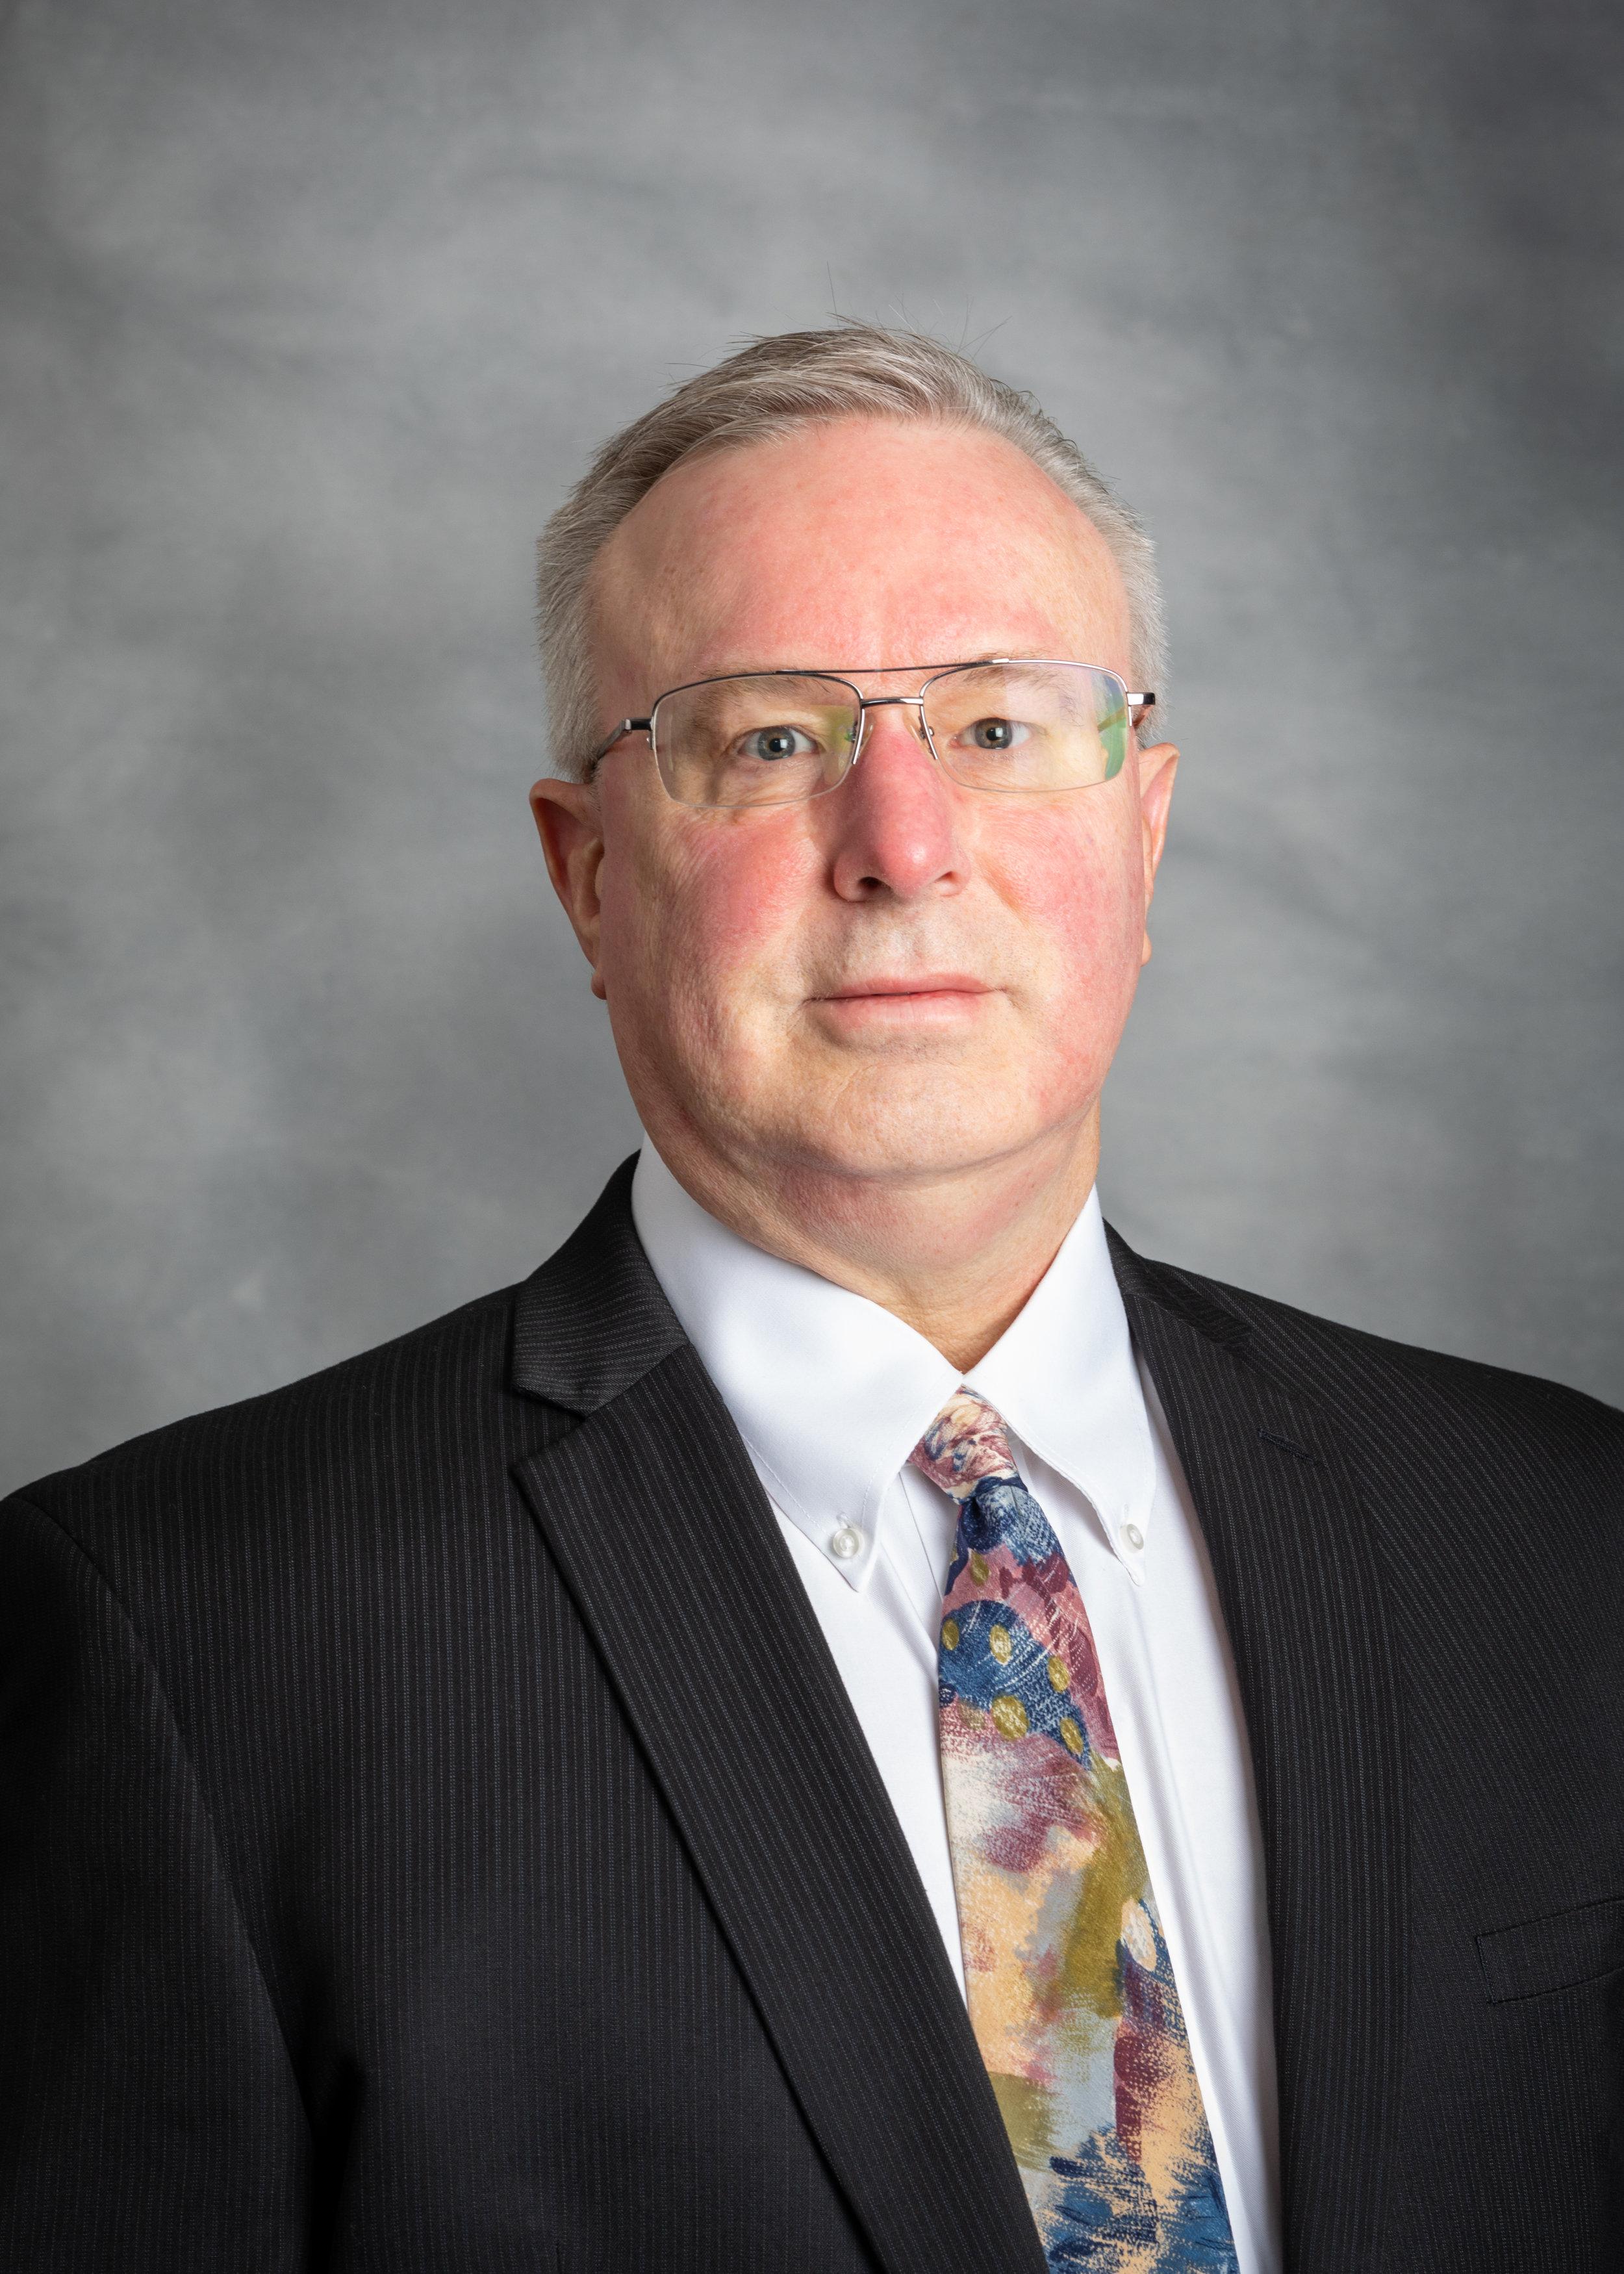 Pat Horning, CPA  Budget & Finance Director  (330) 926-2522  phorning@summitlandbank.org